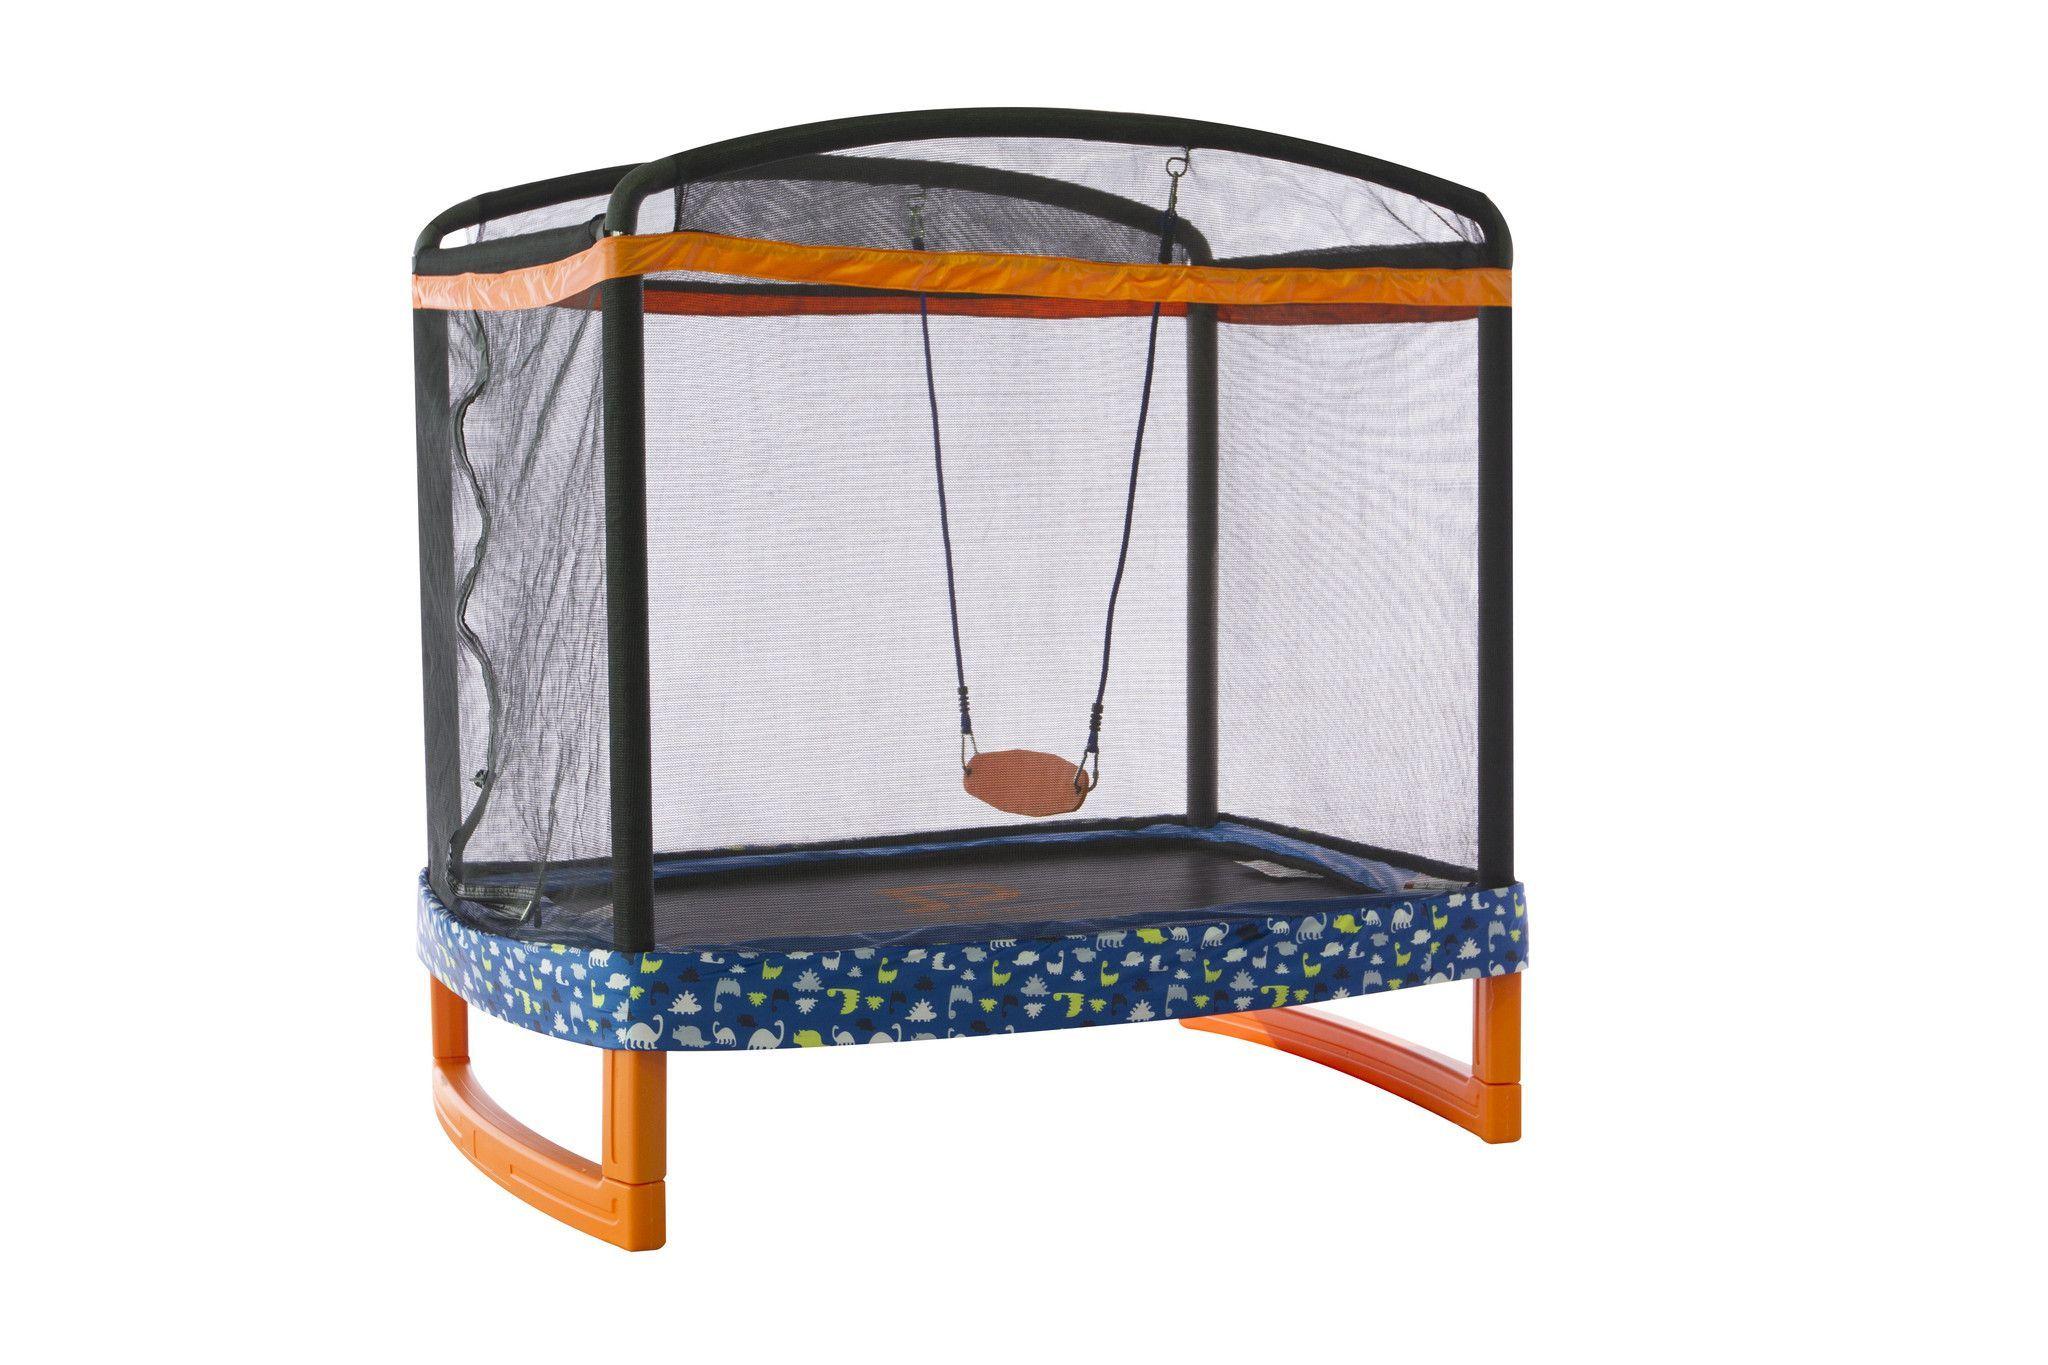 72 x 50 rectangular indooroutdoor trampoline combo